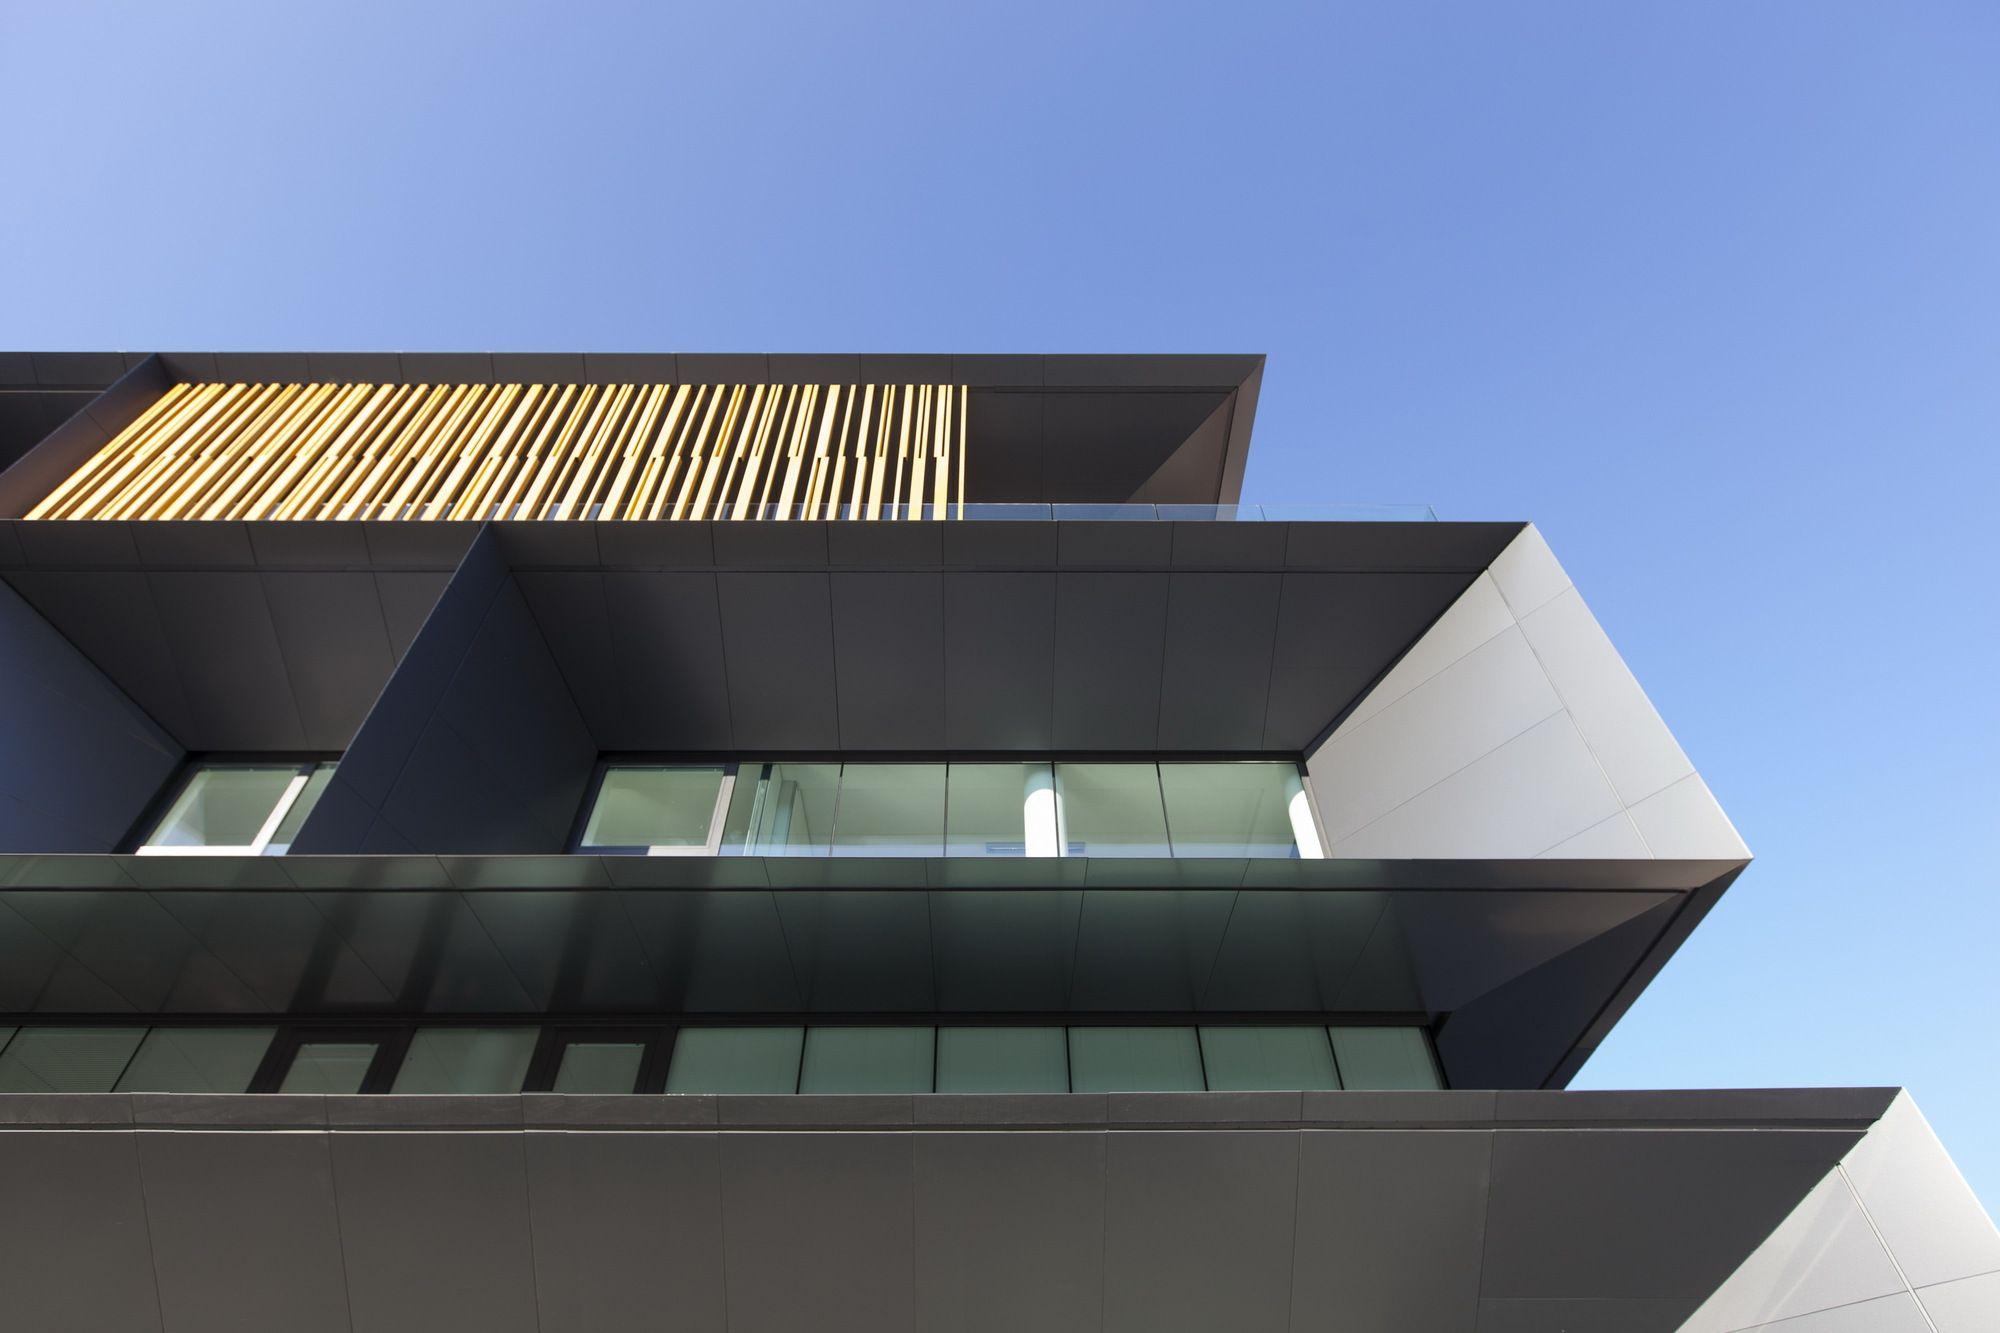 Galería - Nuova Sede Banca Credito Cooperativo di Caraglio / Studio Kuadra - 5